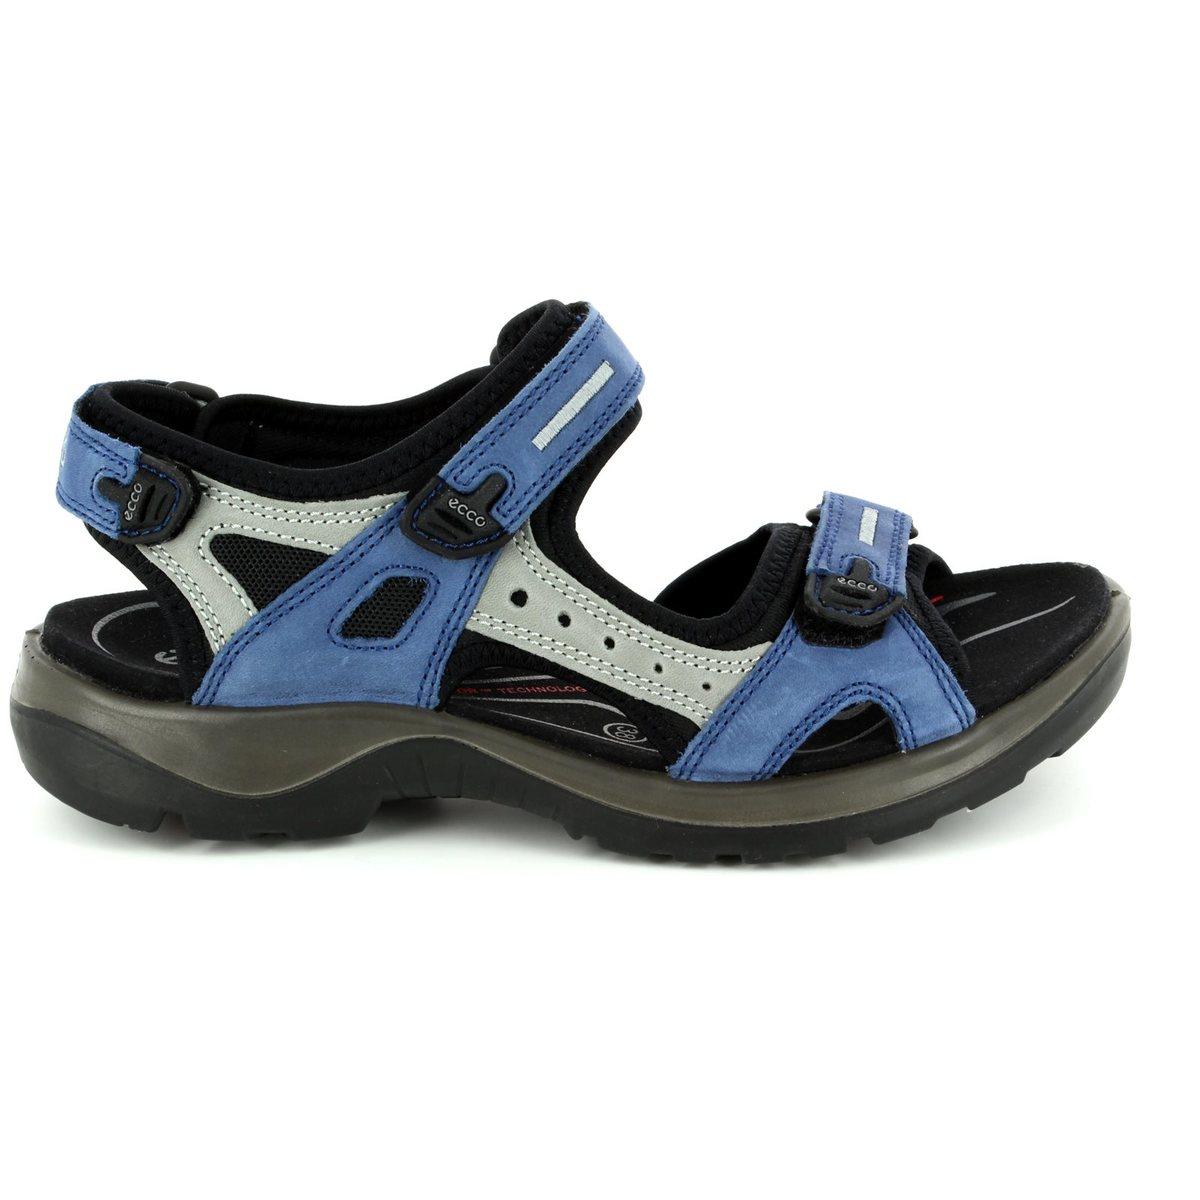 ecco offroad 069563 57807 blue multi walking sandals. Black Bedroom Furniture Sets. Home Design Ideas